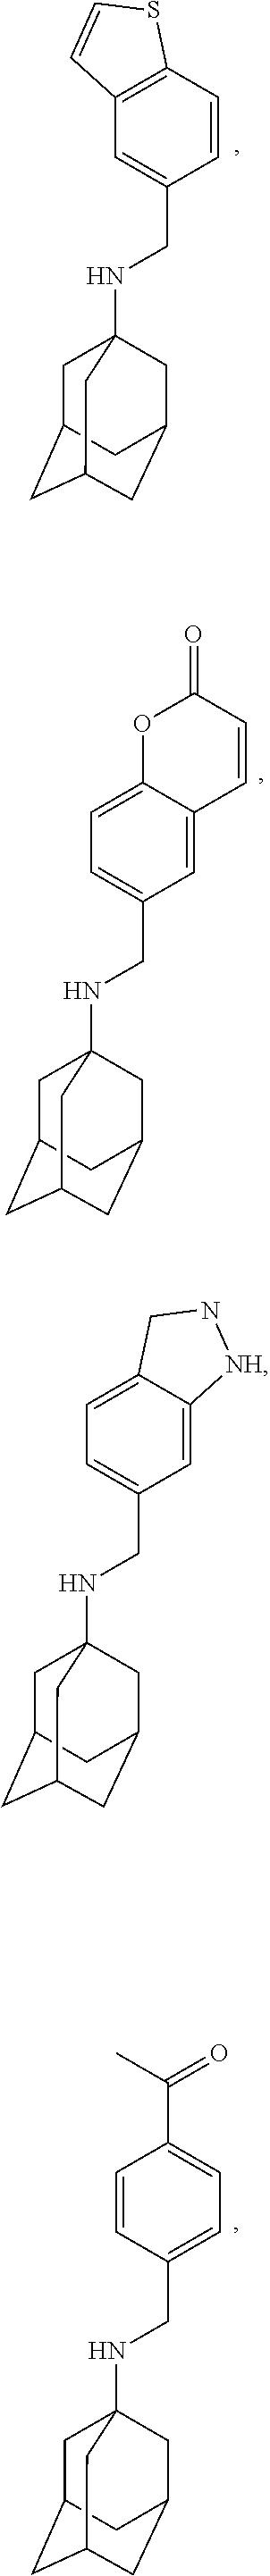 Figure US09884832-20180206-C00138